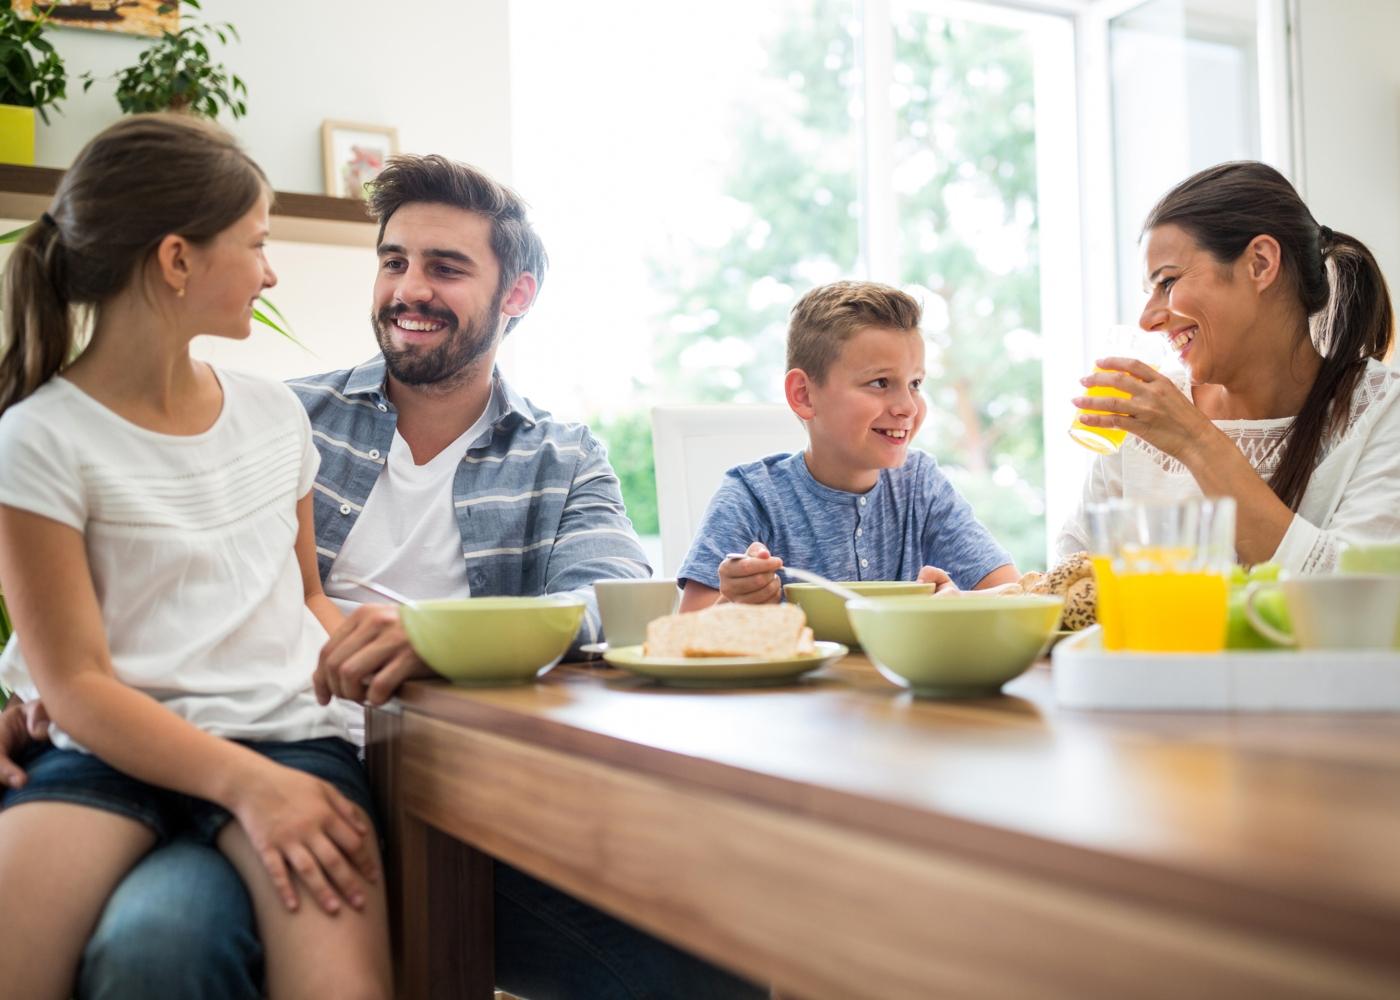 Familia a tomar pequeno-almoço